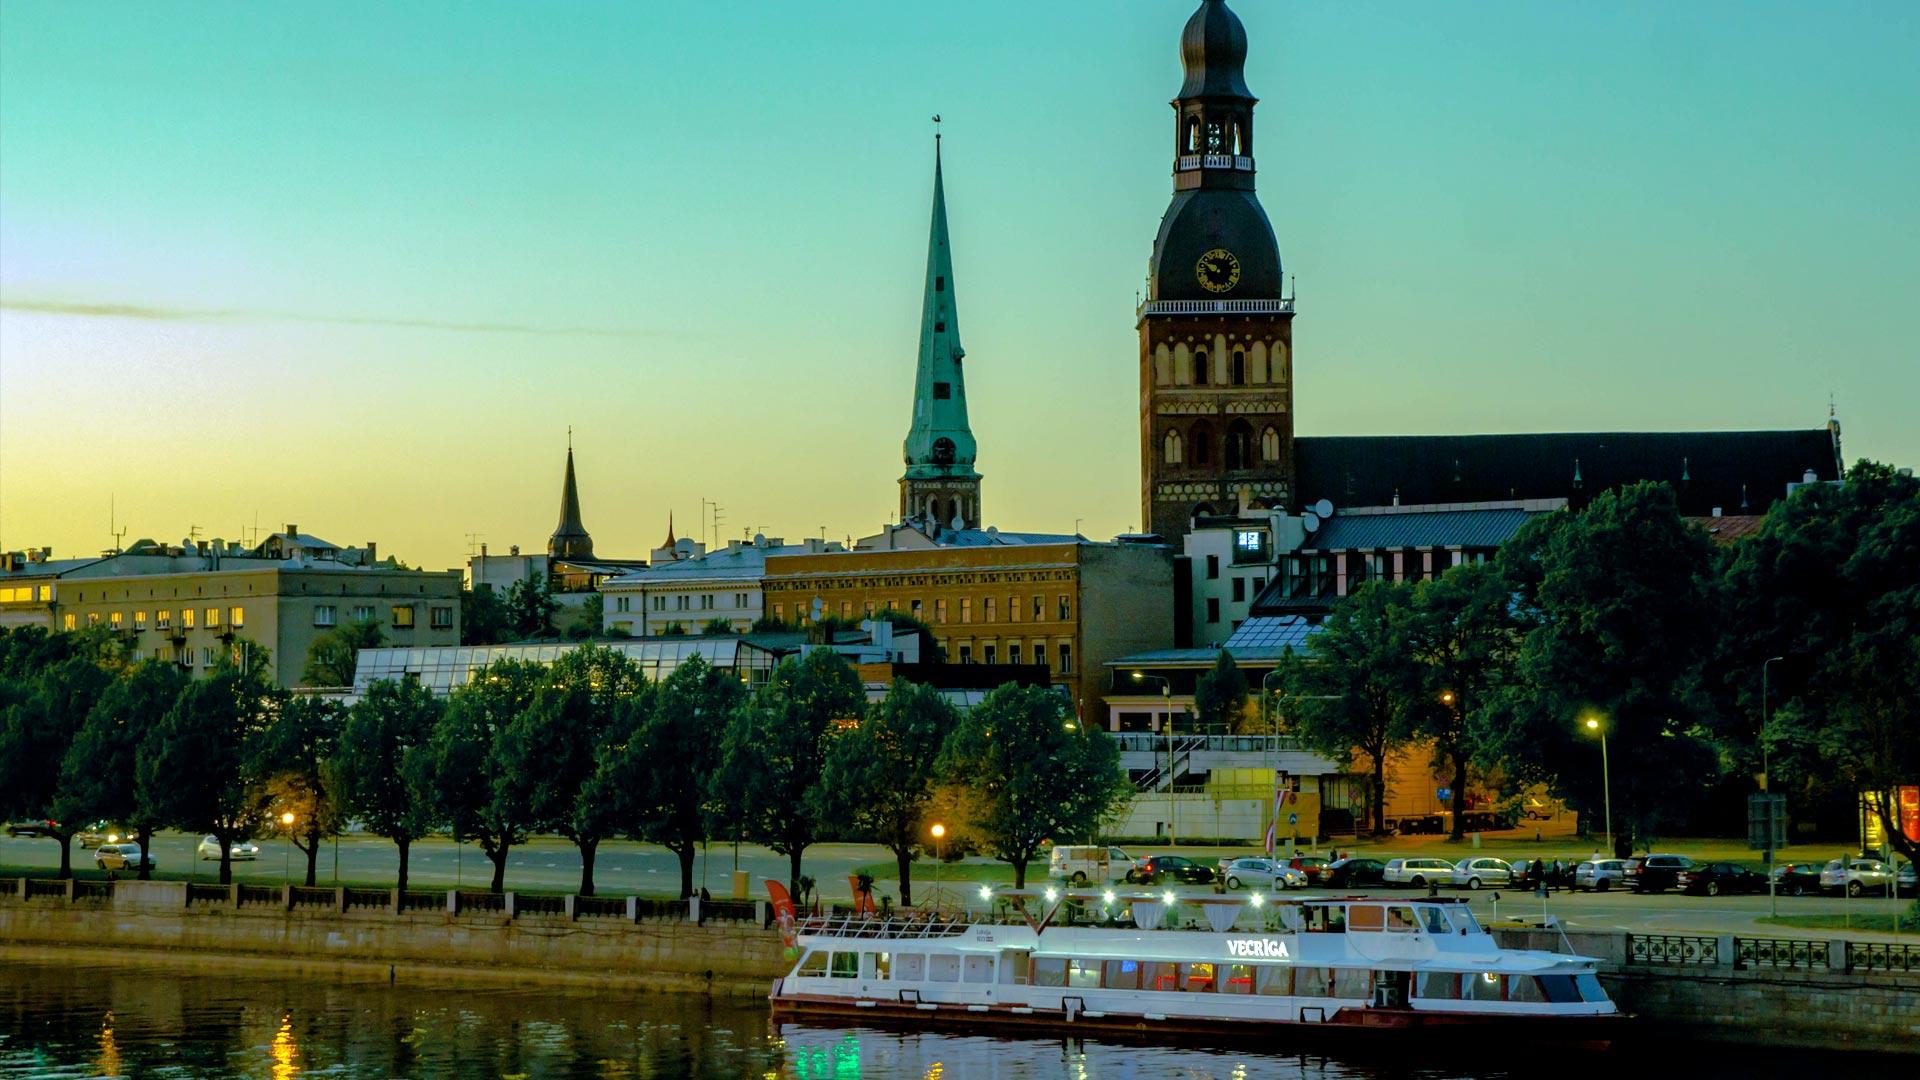 Czy na Łotwę potrzebny jest paszport czy dowód?